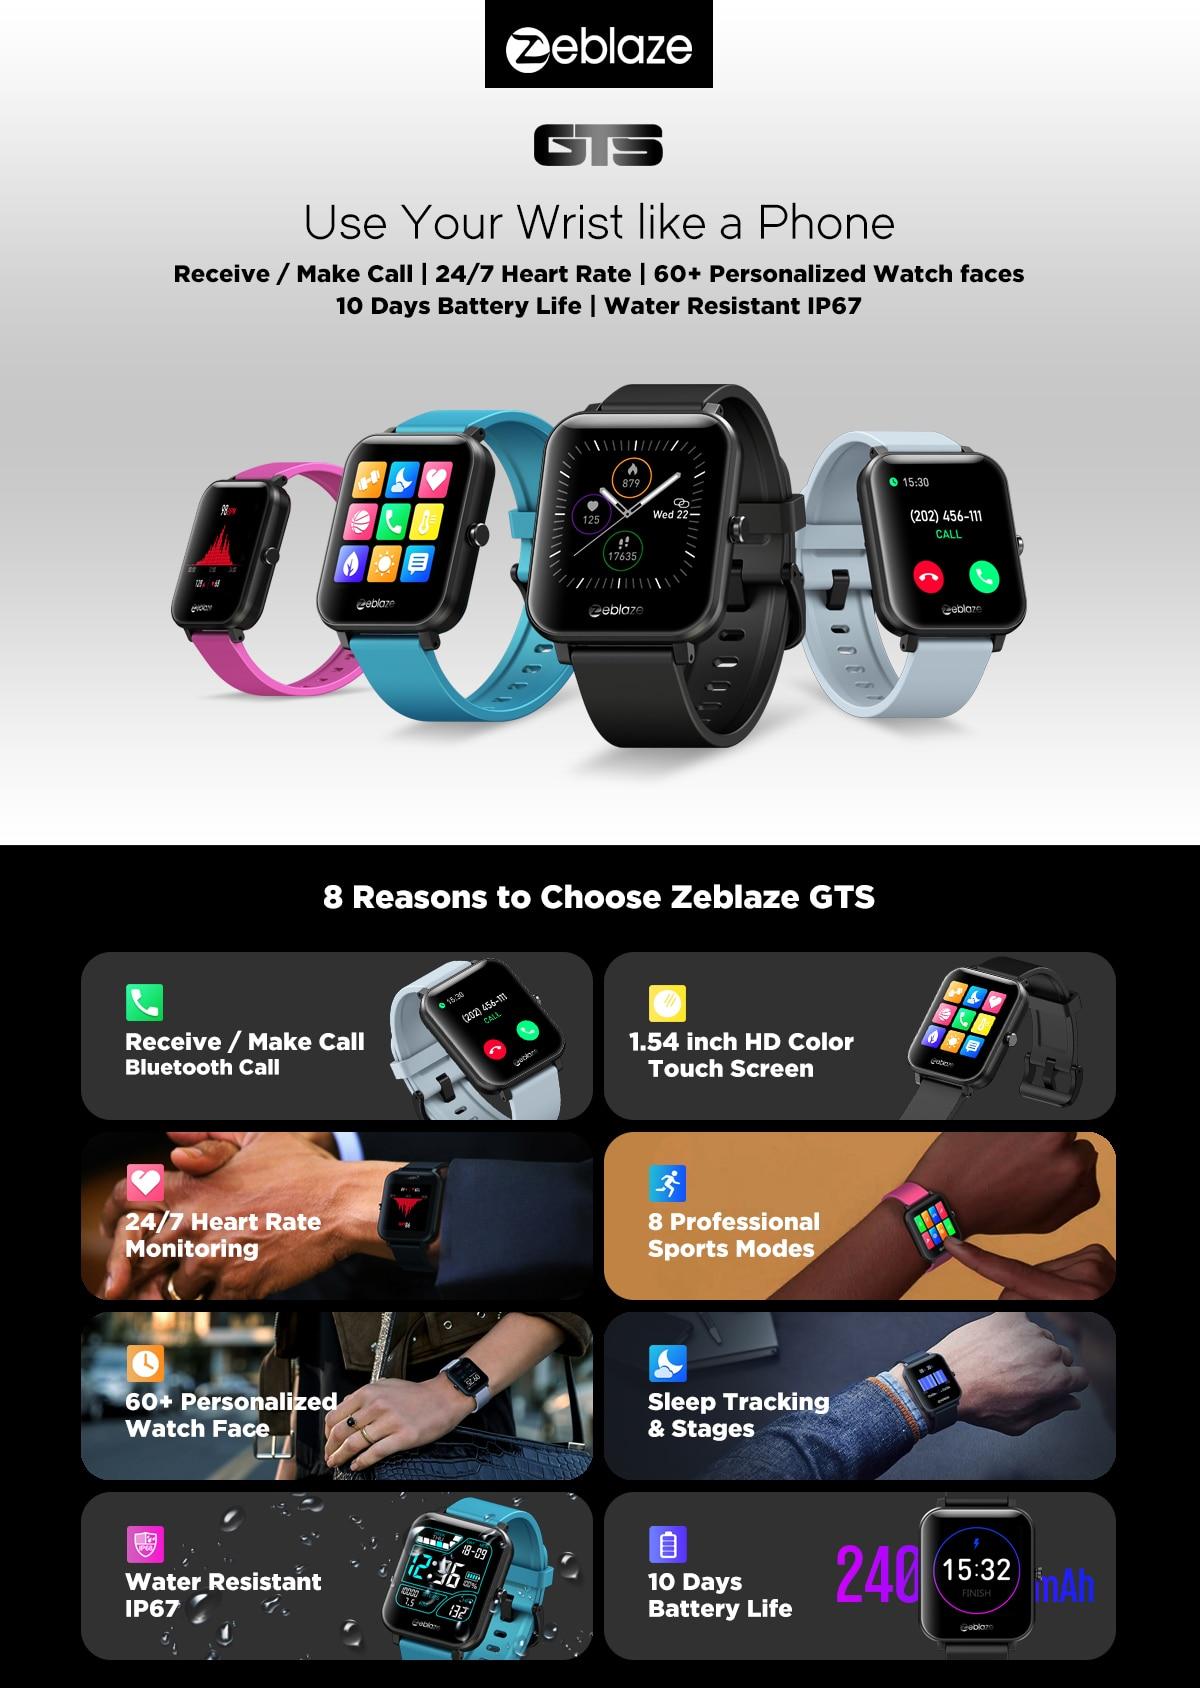 New Zeblaze GTS Bluetooth Calling smart band Receive/Make Calls Modes 60+  Watch Faces Smart Bracelet smartwatch 2020|Smart Wristbands| - AliExpress